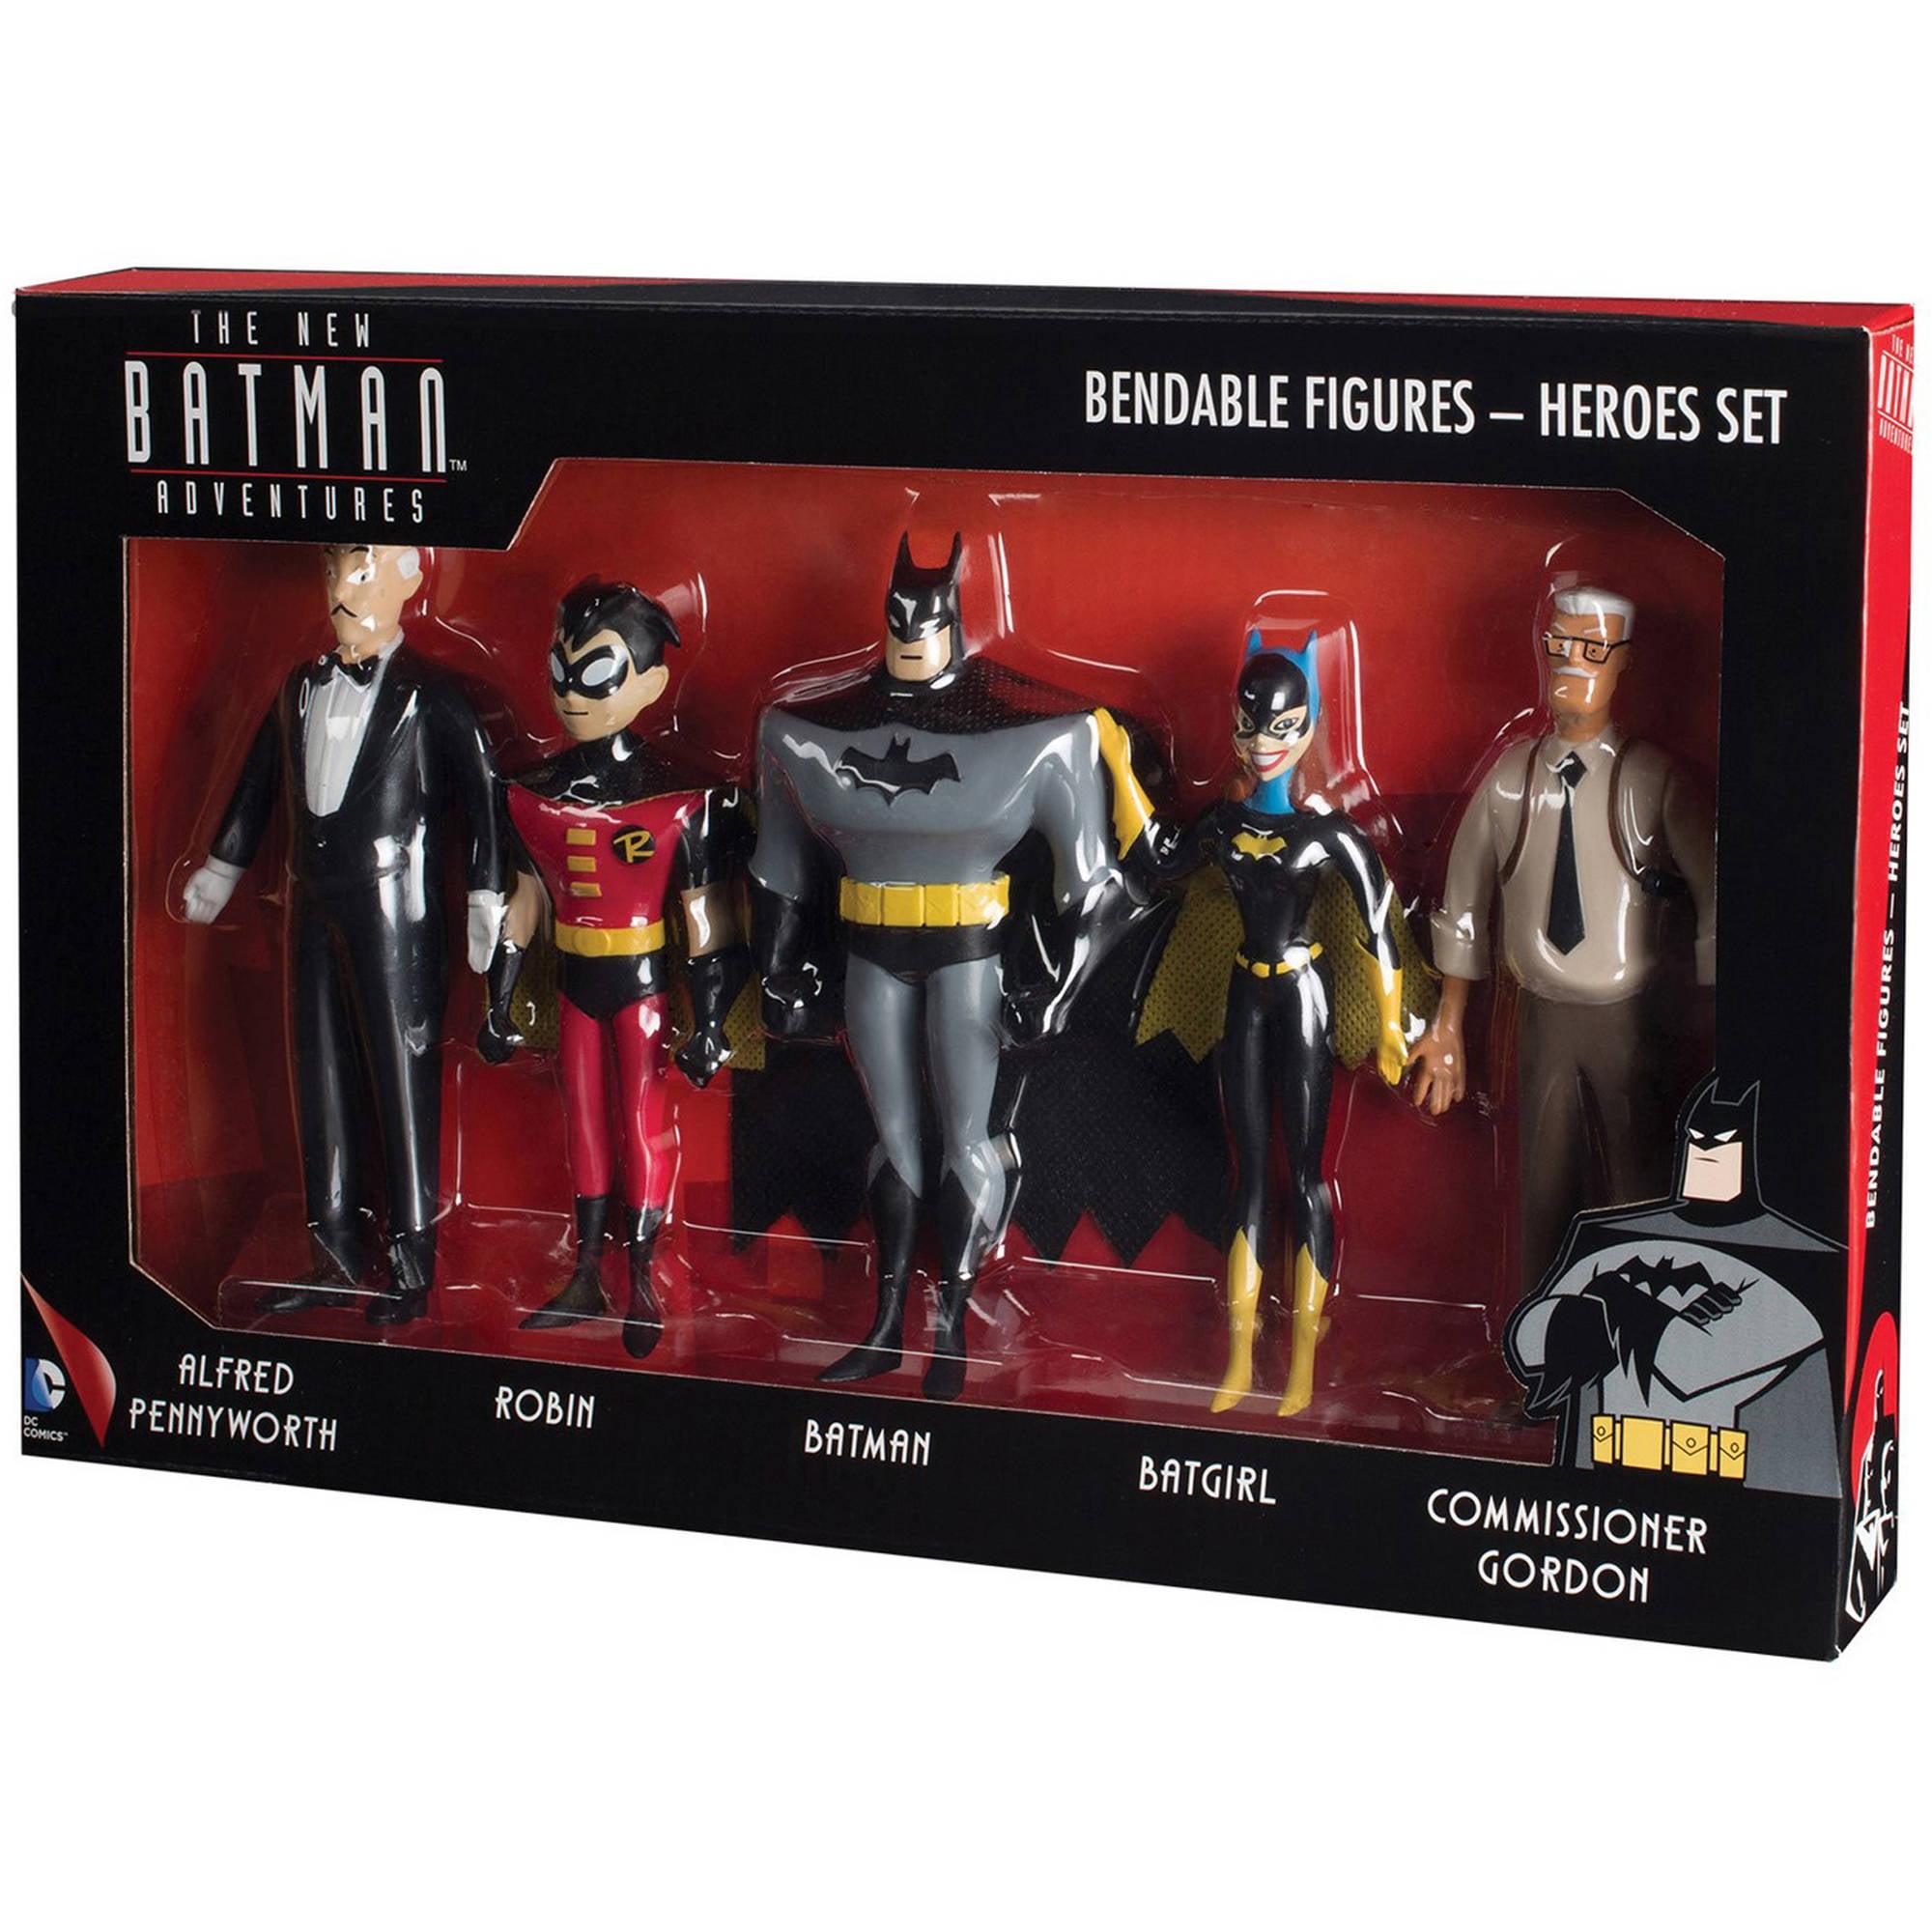 DC Comics New Batman Adventures Bendable Action Figure Boxed Set